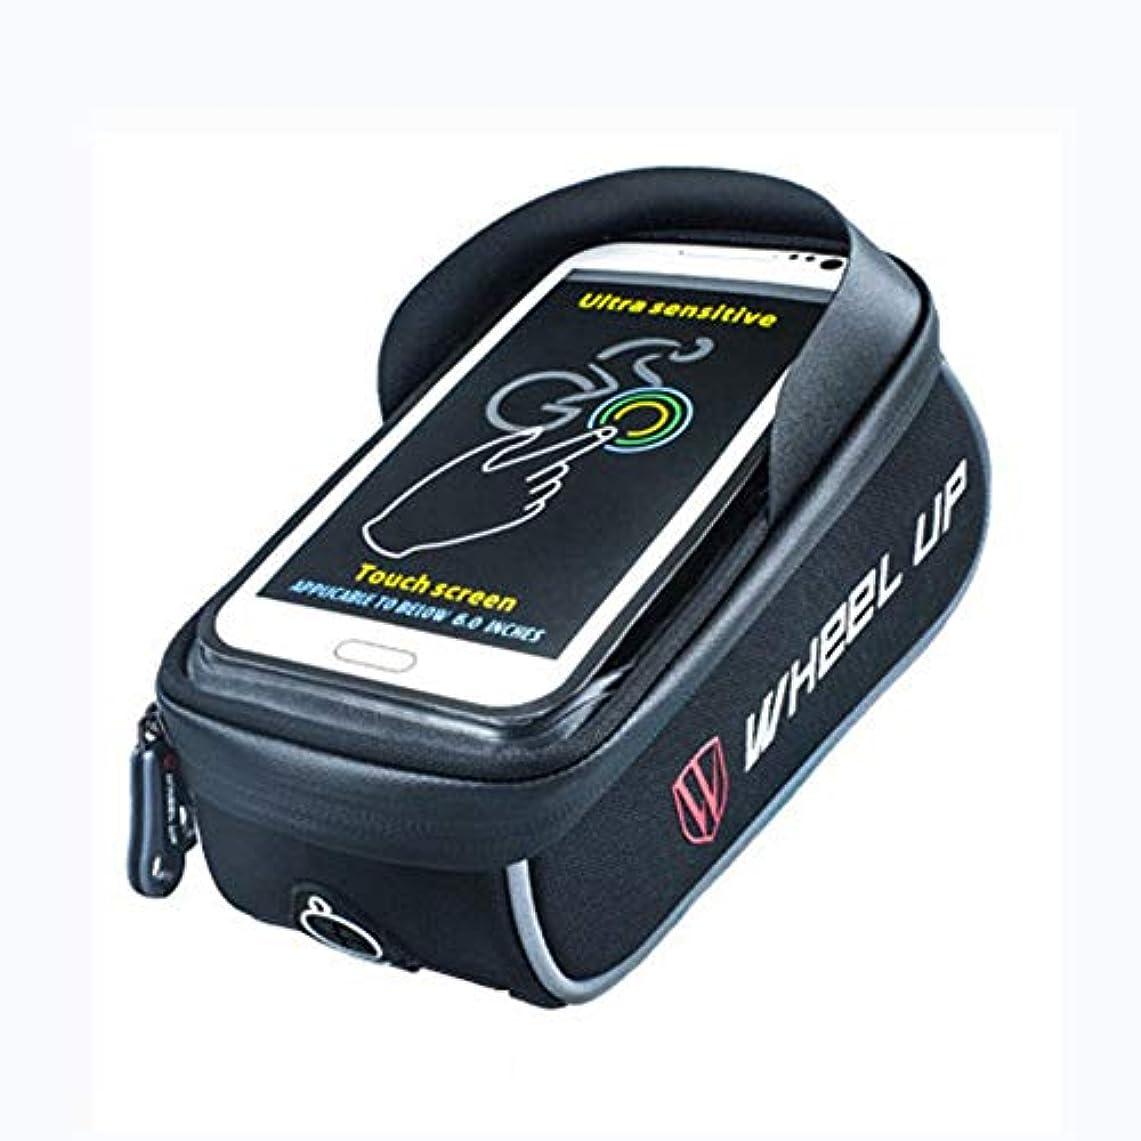 ダーツ支配する偏見IPhone X 8 7 6 s携帯電話用自転車バッグ自転車フロントチューブラック自転車バッグは6.0インチ未満